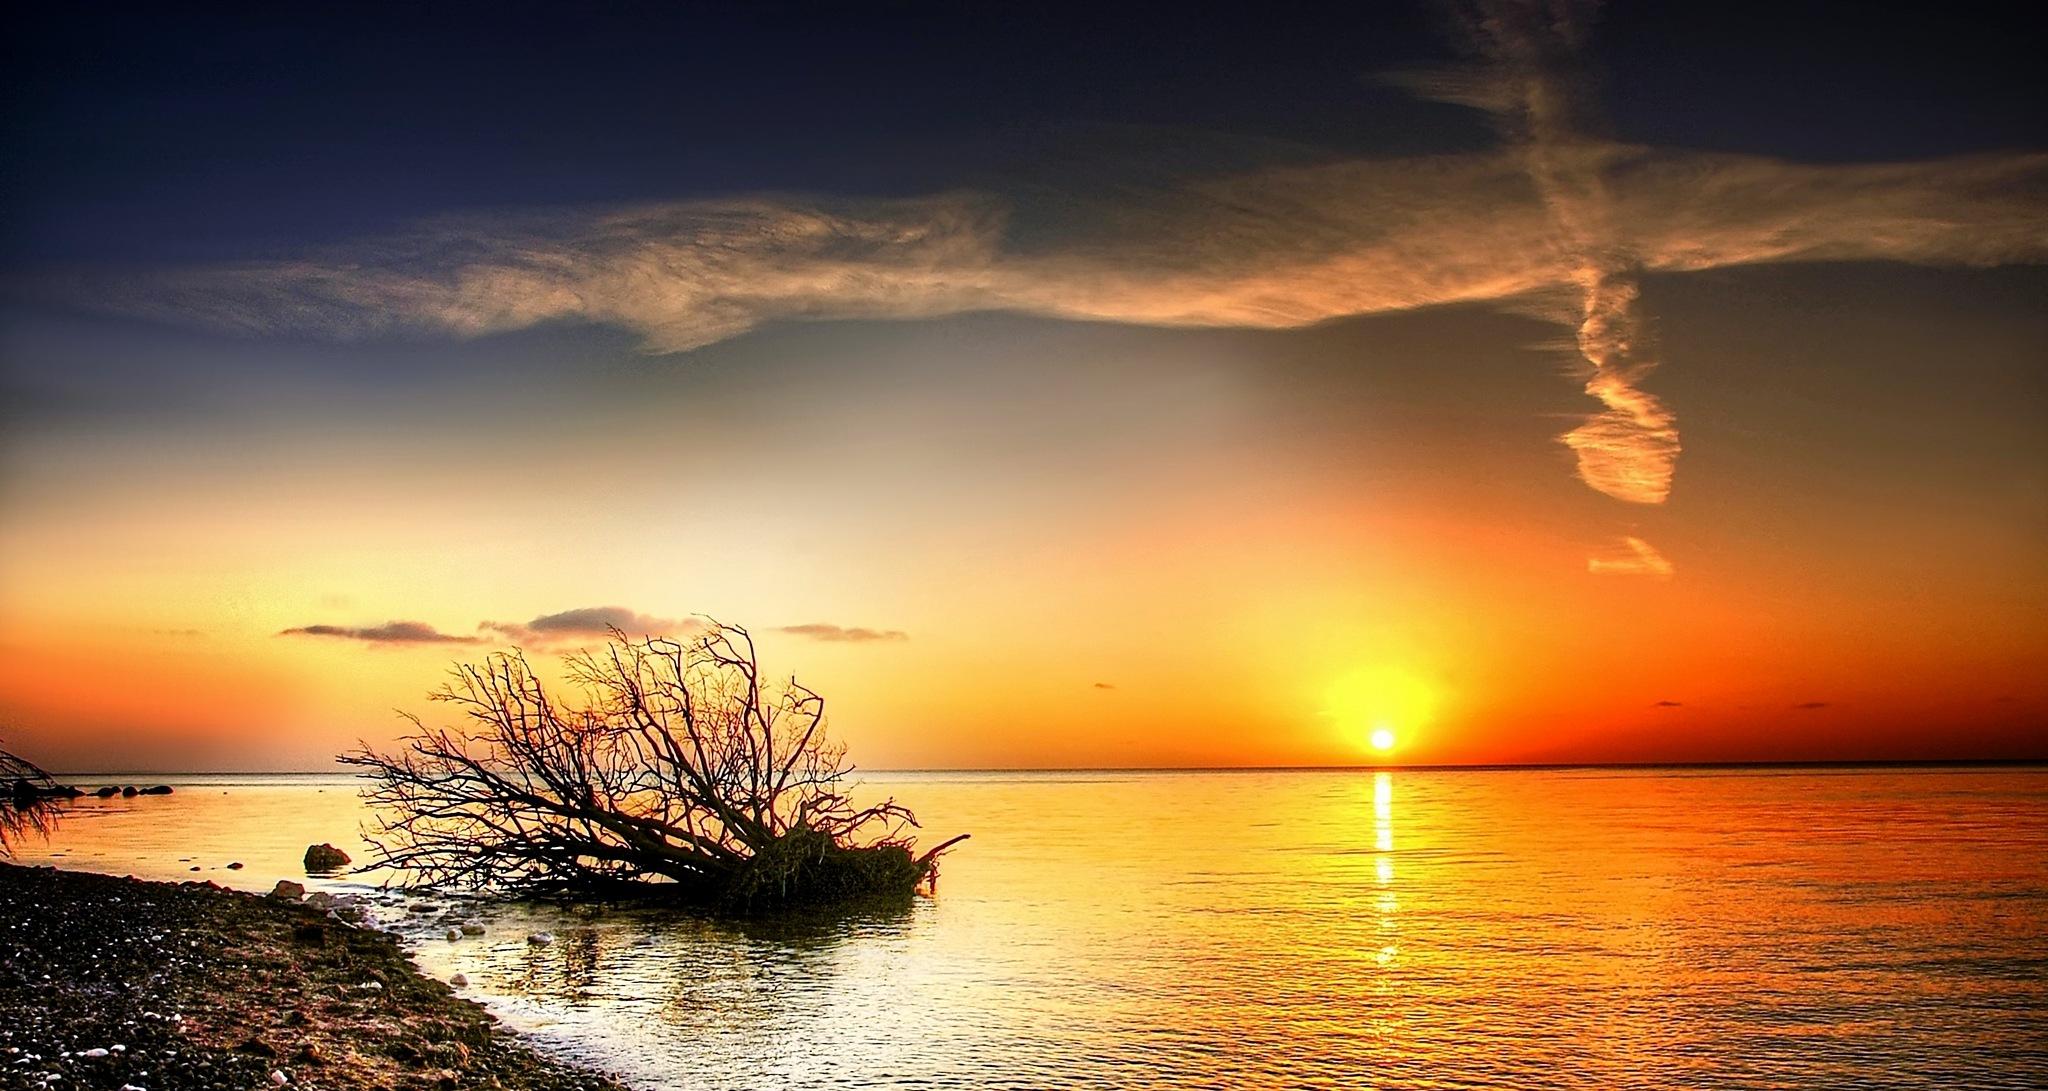 isle of moen by kordi